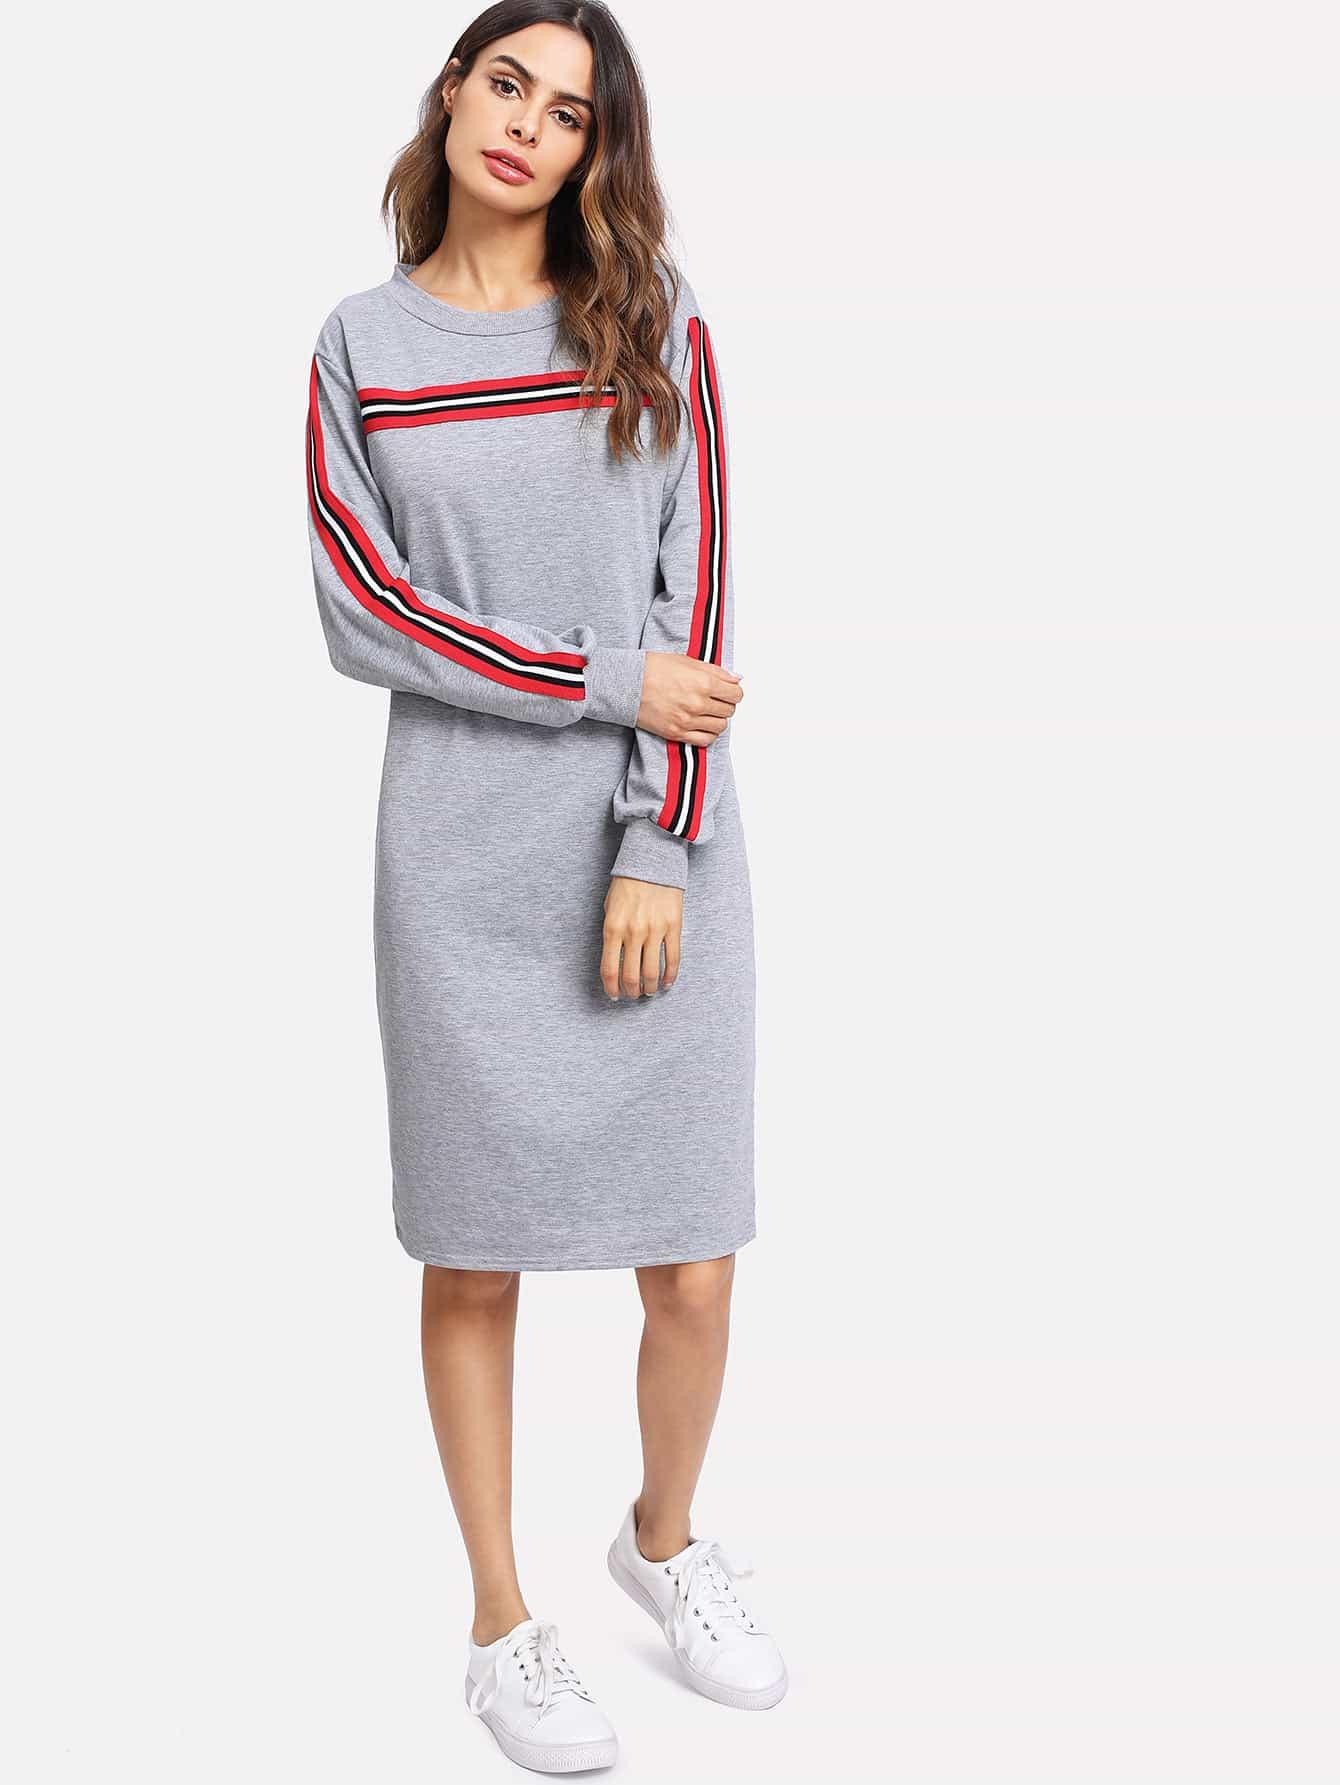 Sweatshirt Kleid mit Streifen